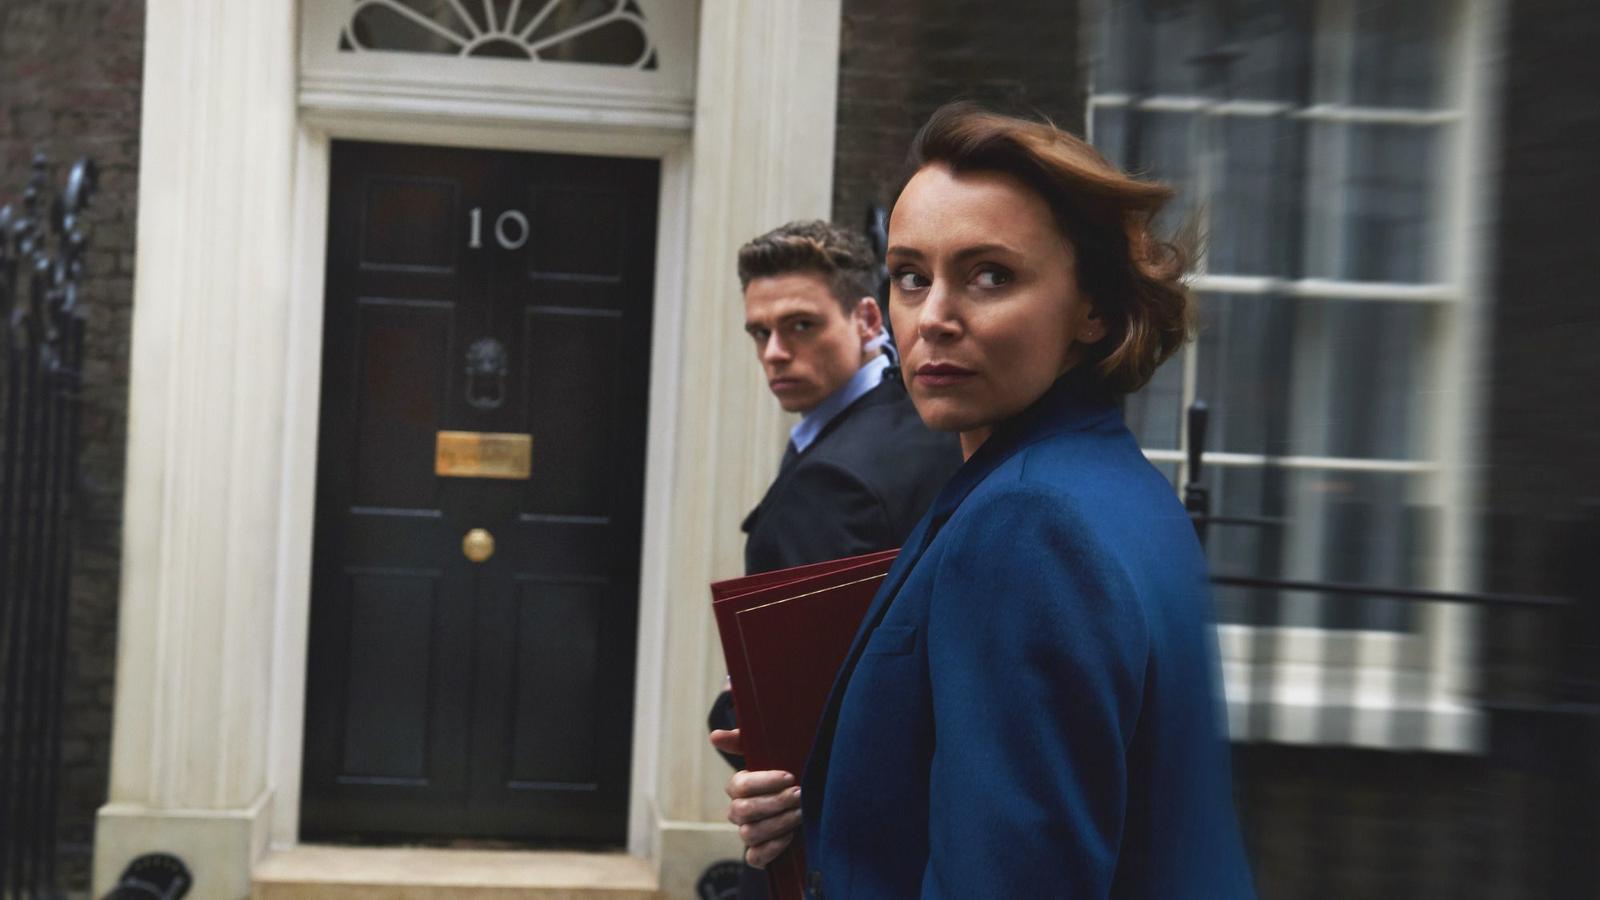 L'exitosa sèrie britànica 'Bodyguard' arriba aquest dimecres a Netflix